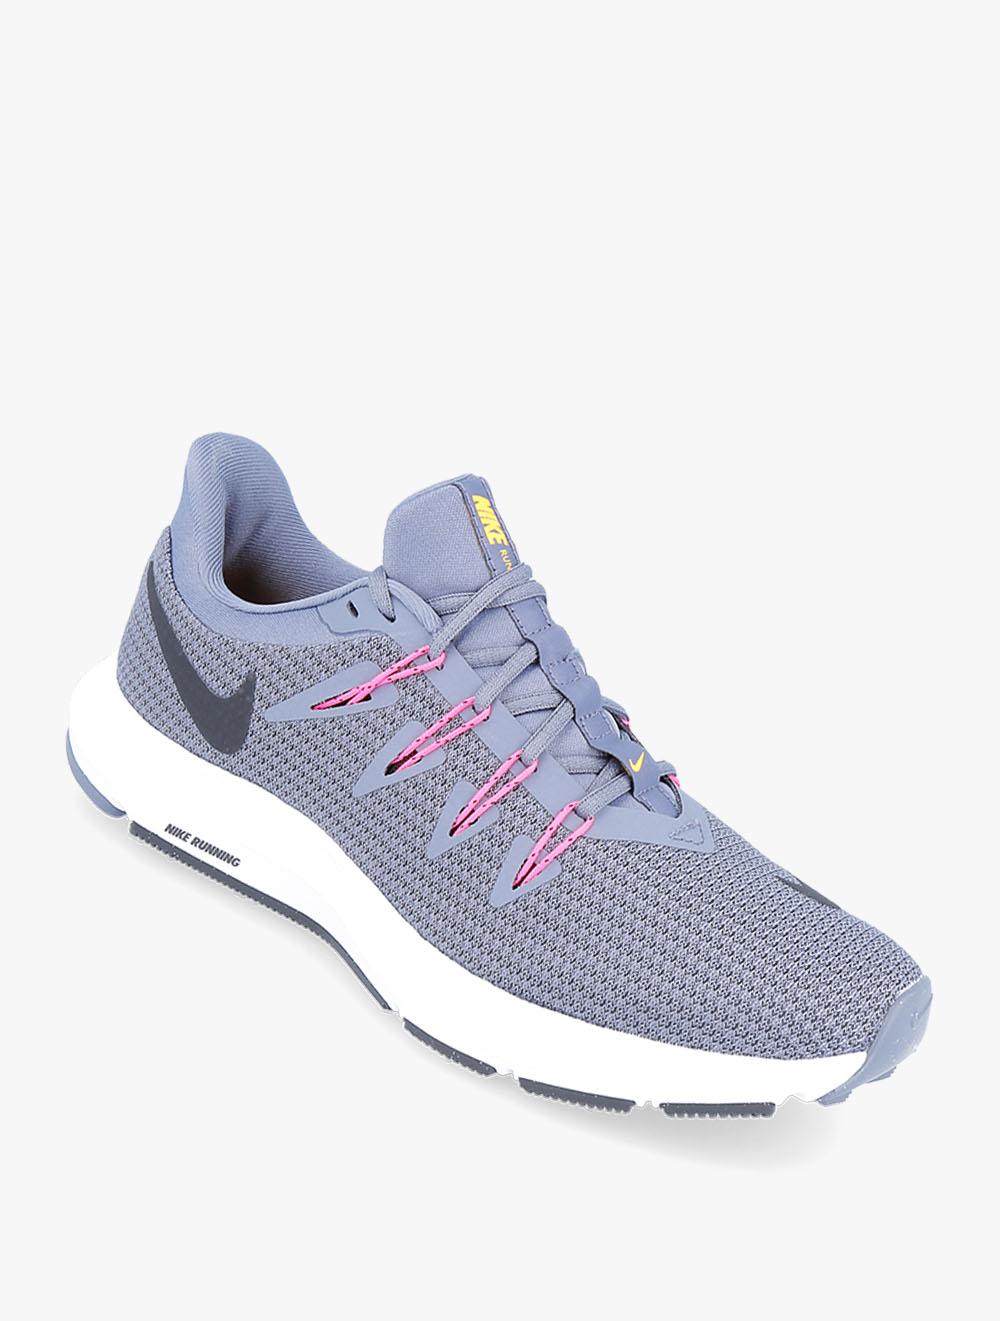 Swift Turbo Women's Running Shoes